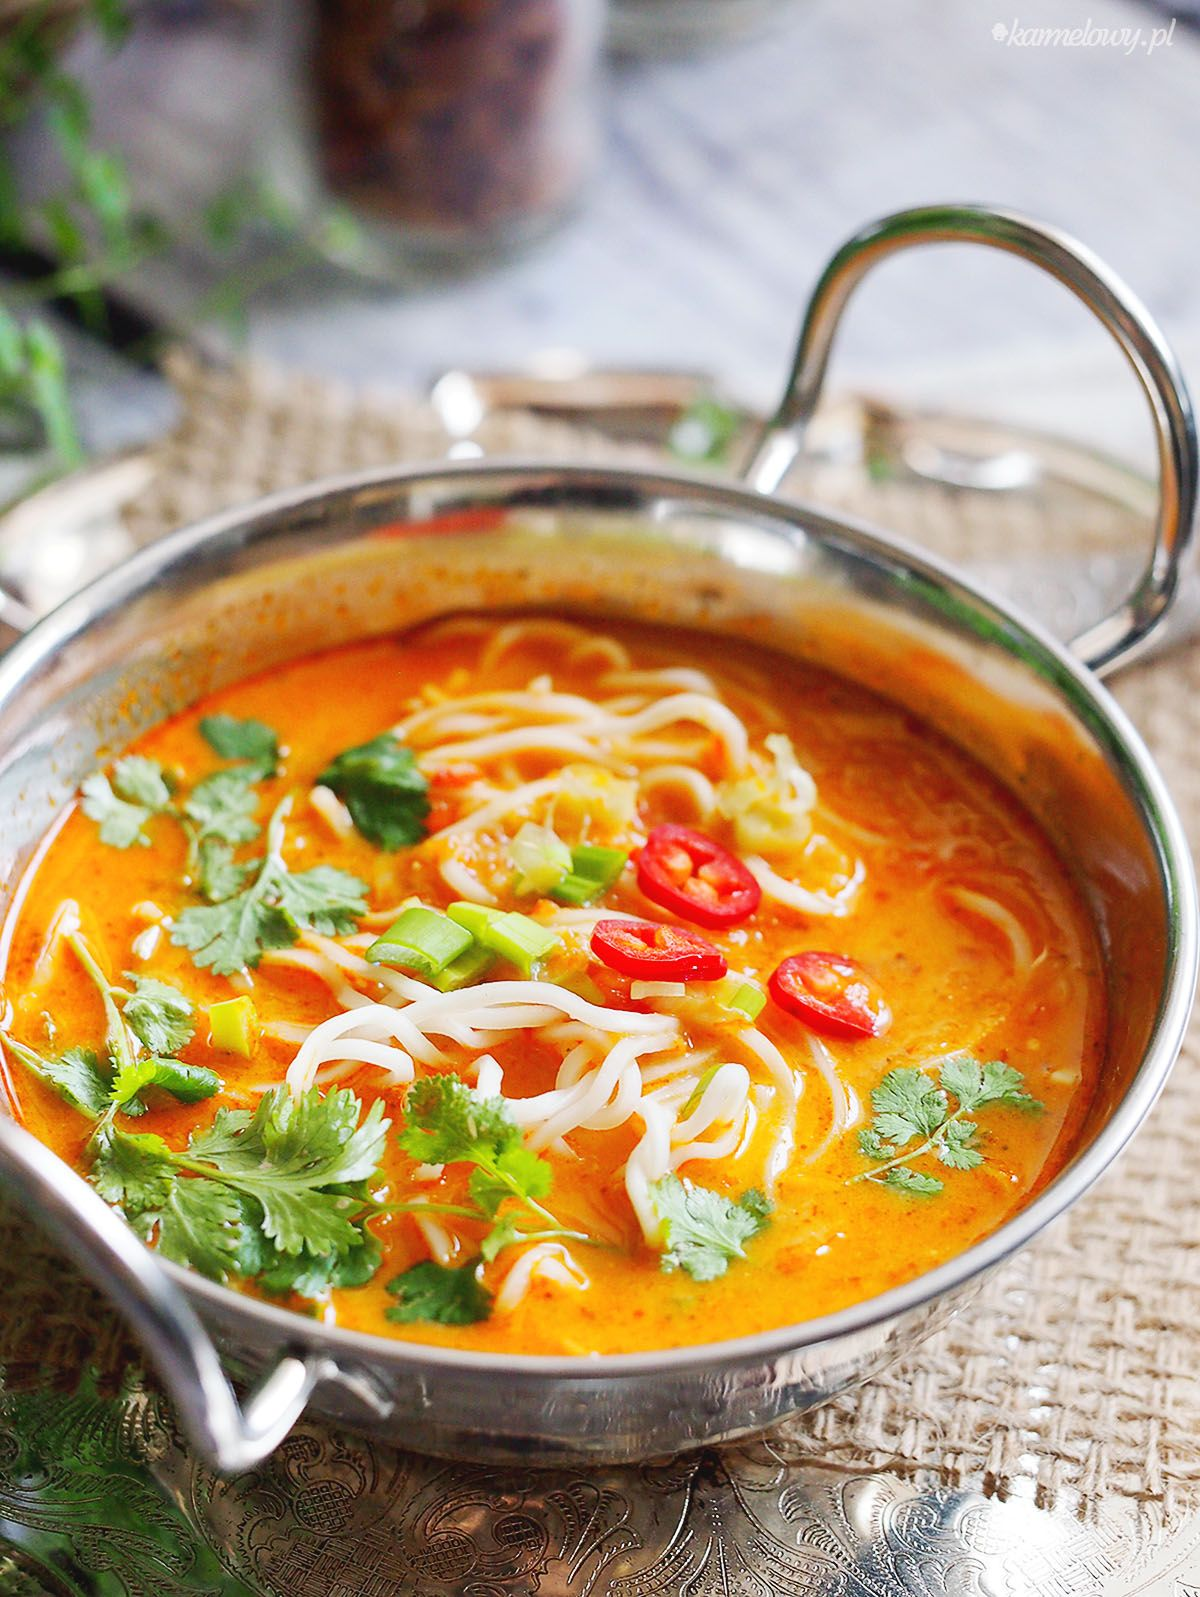 Pikantna Zupa Tajska Z Makaronem Spicy Thai Noodle Soup Blog Karmelowy Kulinaria Lifestyle I Uroda Soup Recipes Culinary Recipes Spicy Thai Noodles